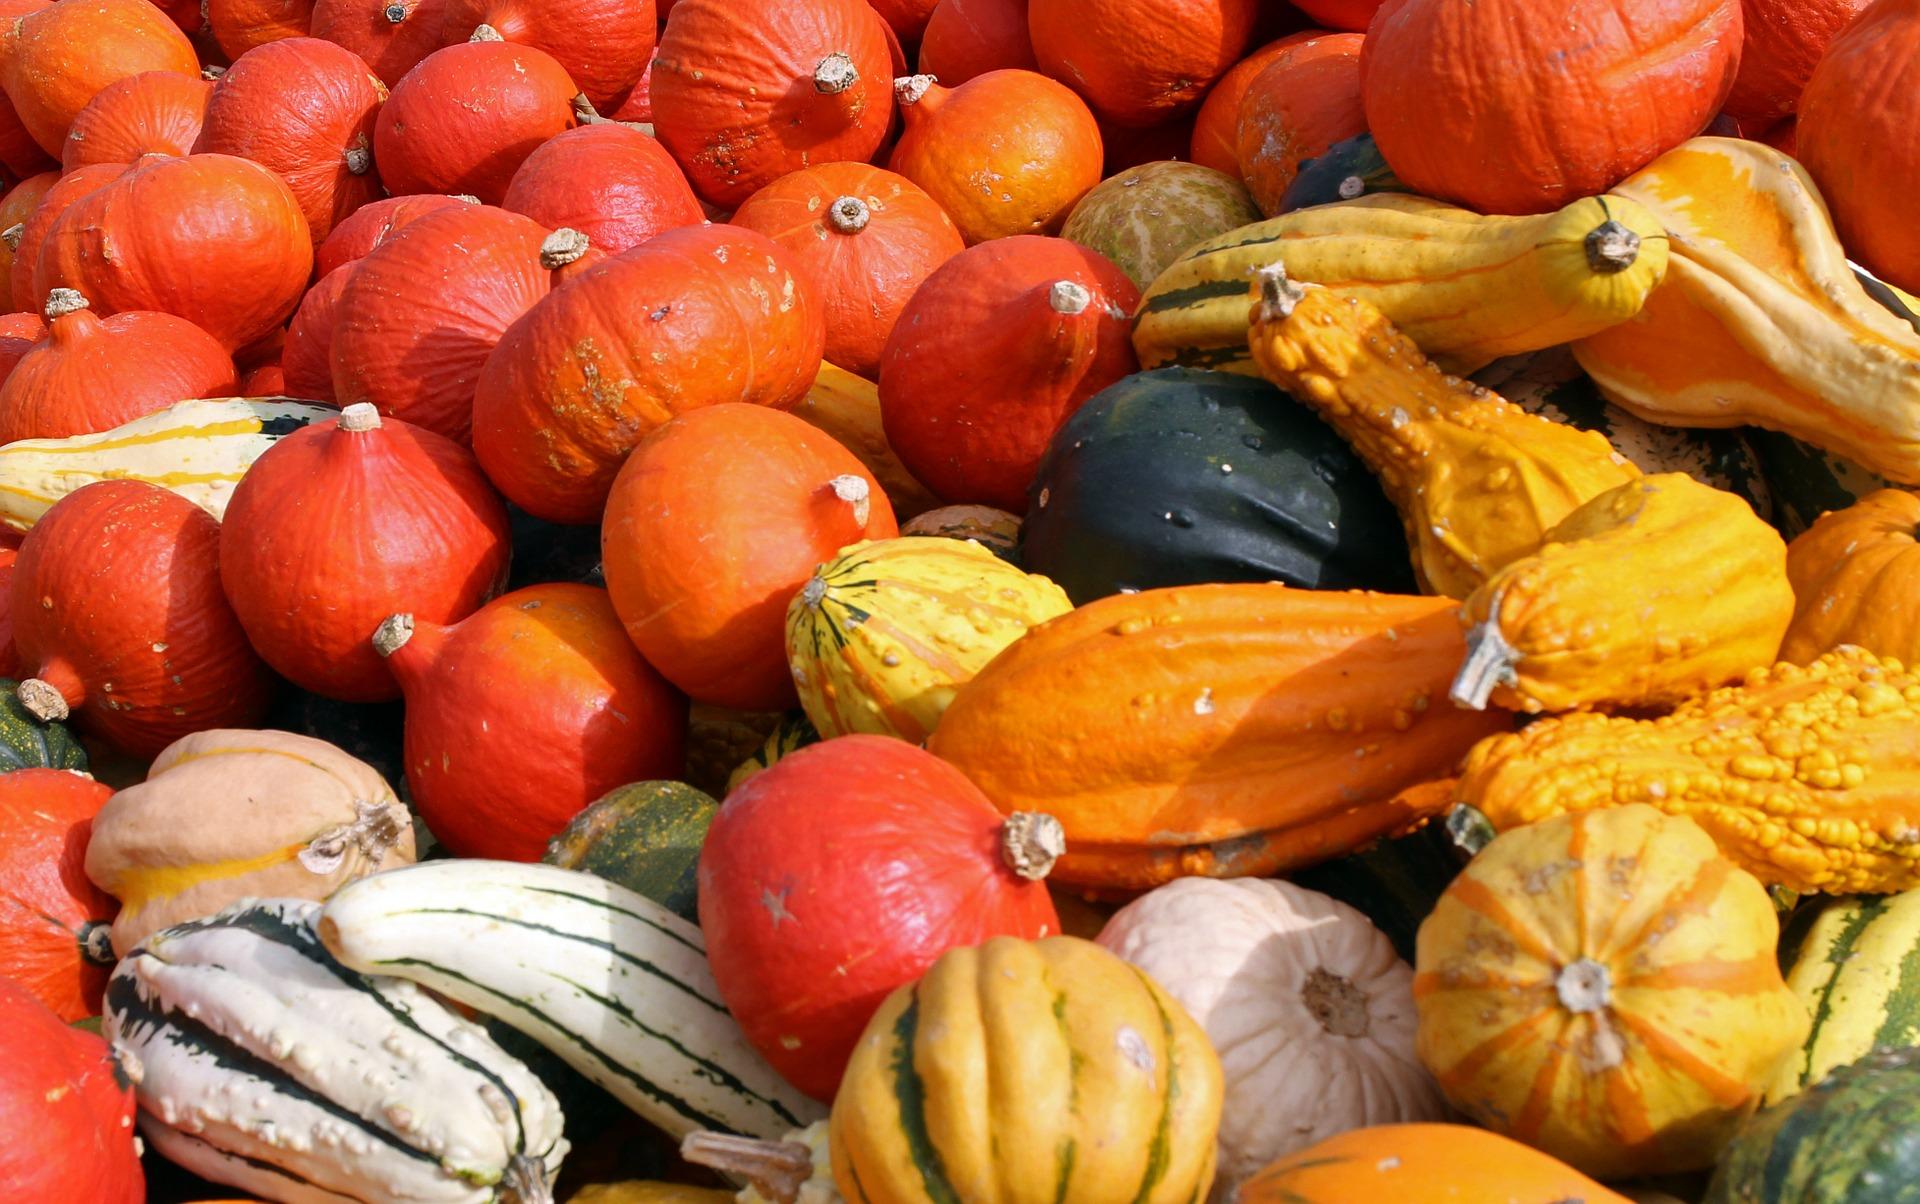 pumpkins-469598_1920.jpg